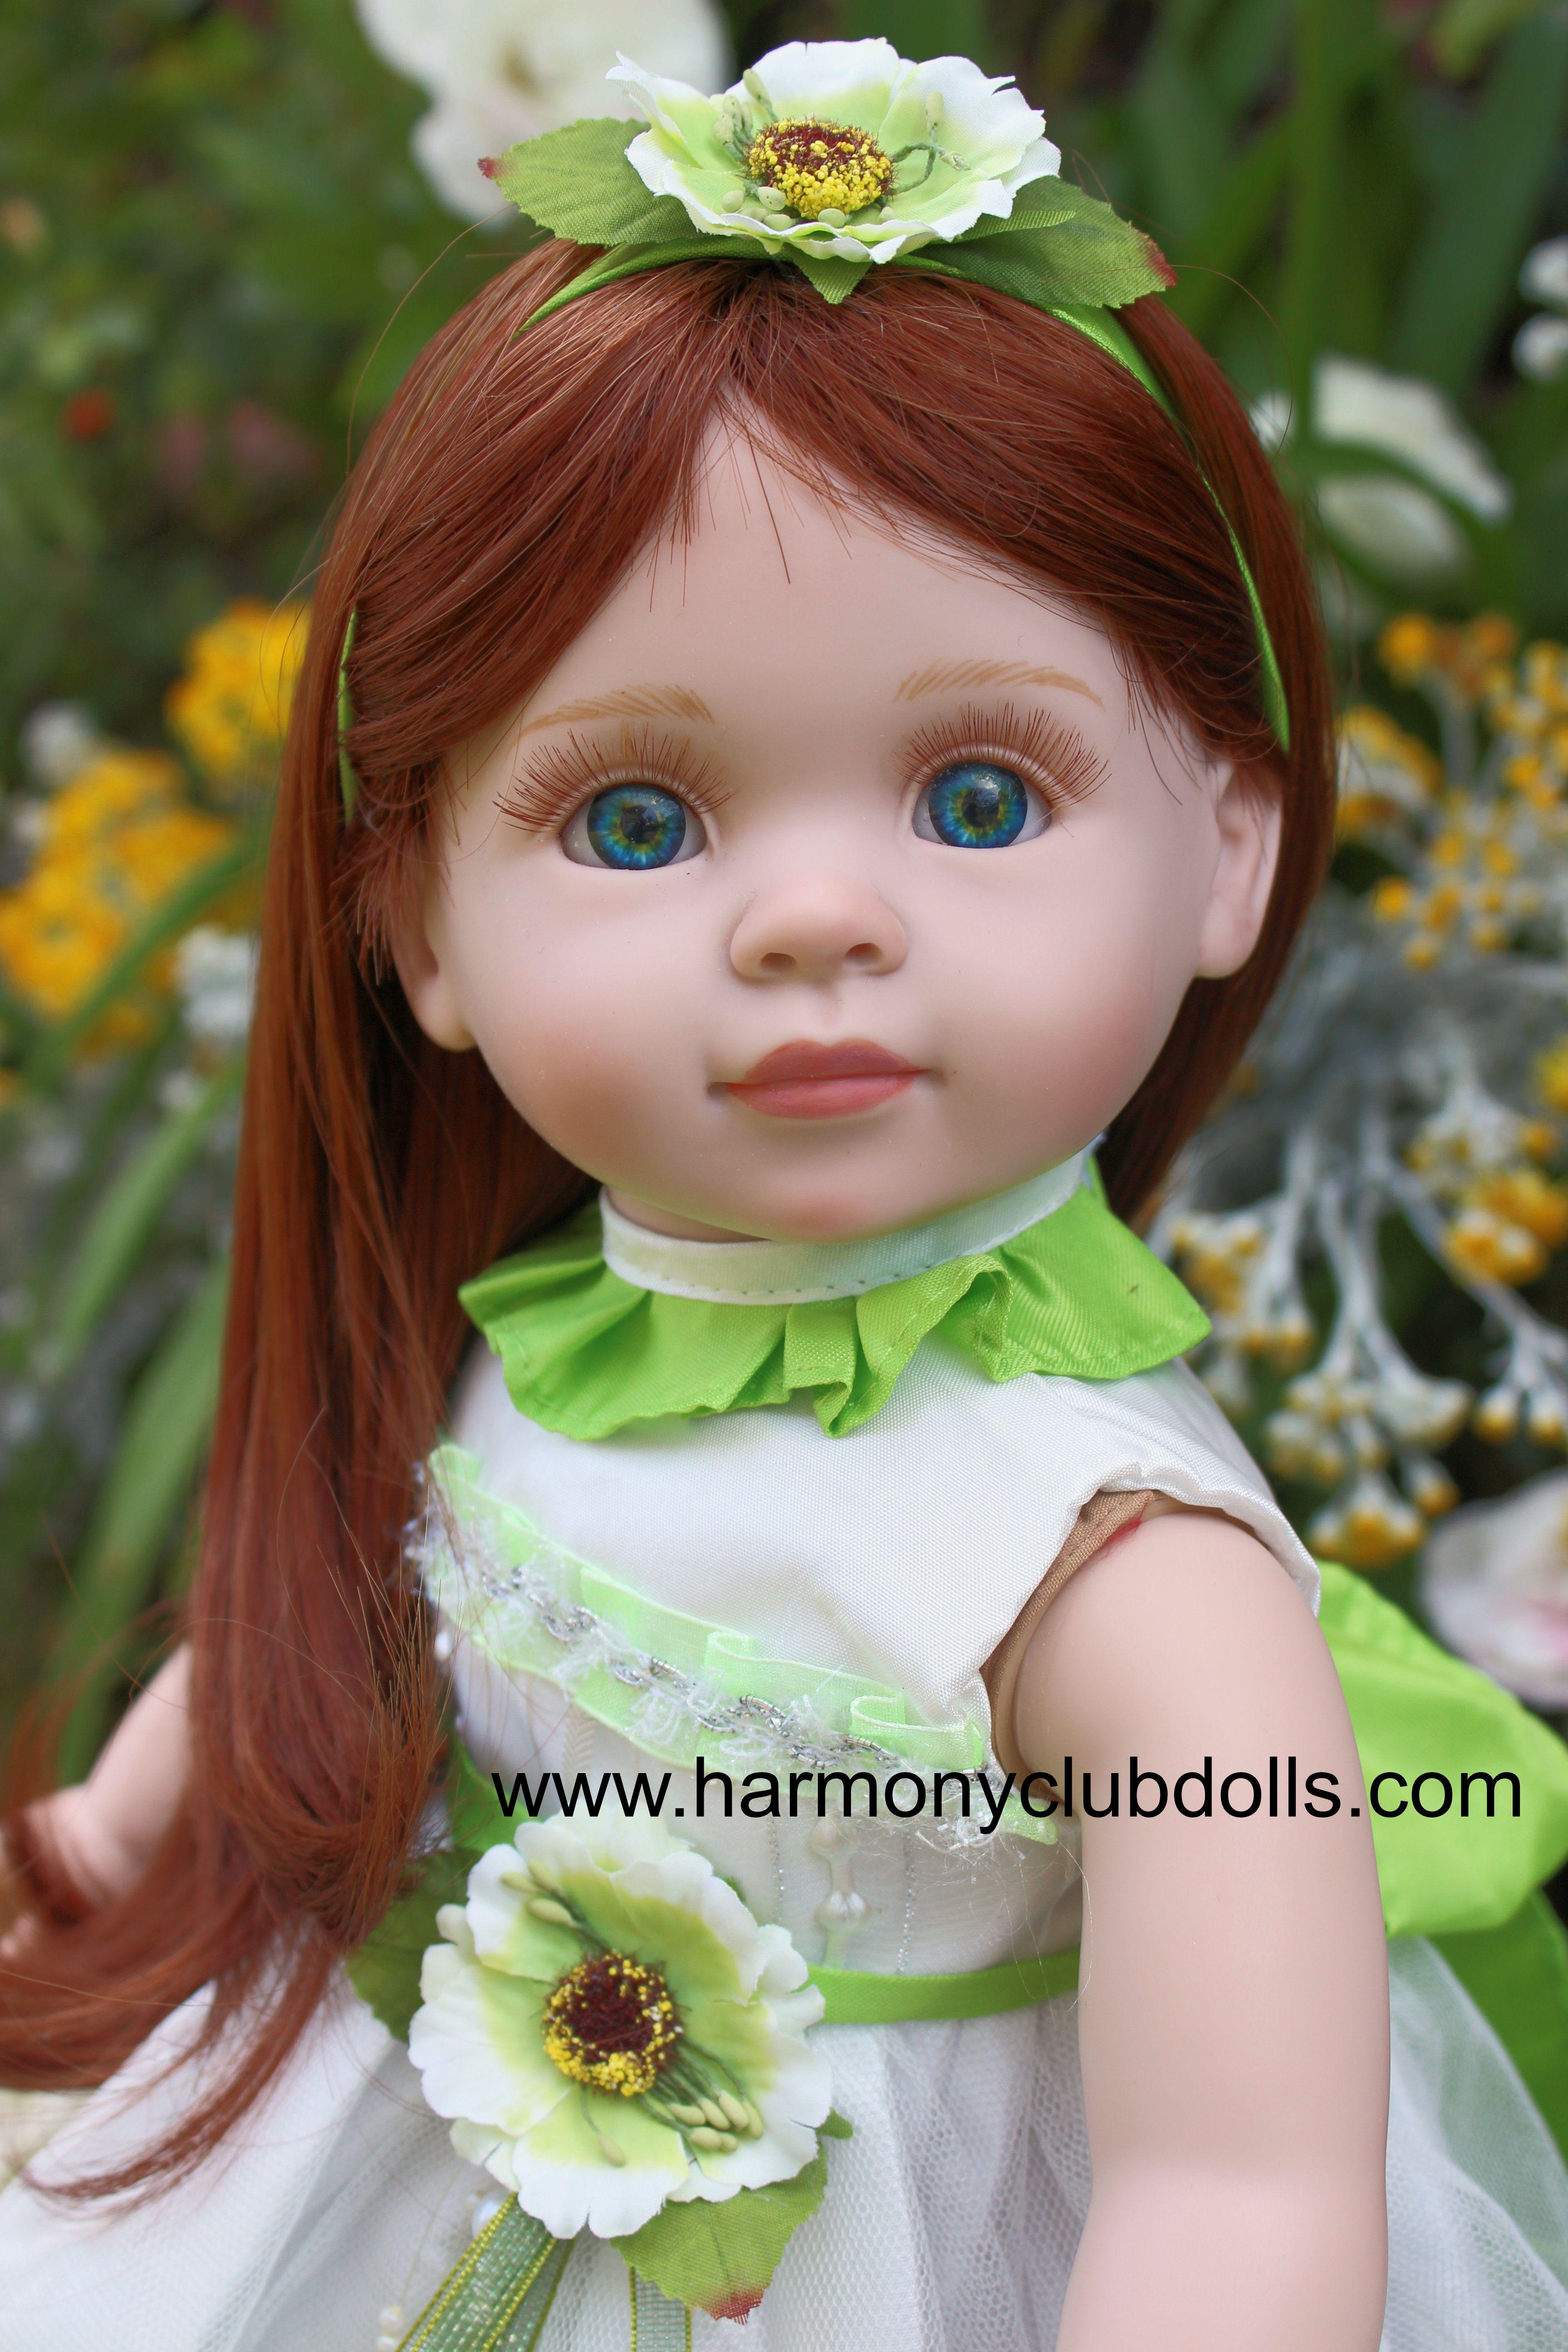 """HARMONY CLUB DOLLS 18"""" Dolls and 18"""" Doll Clothes. Visit www.harmonyclubdolls.com"""